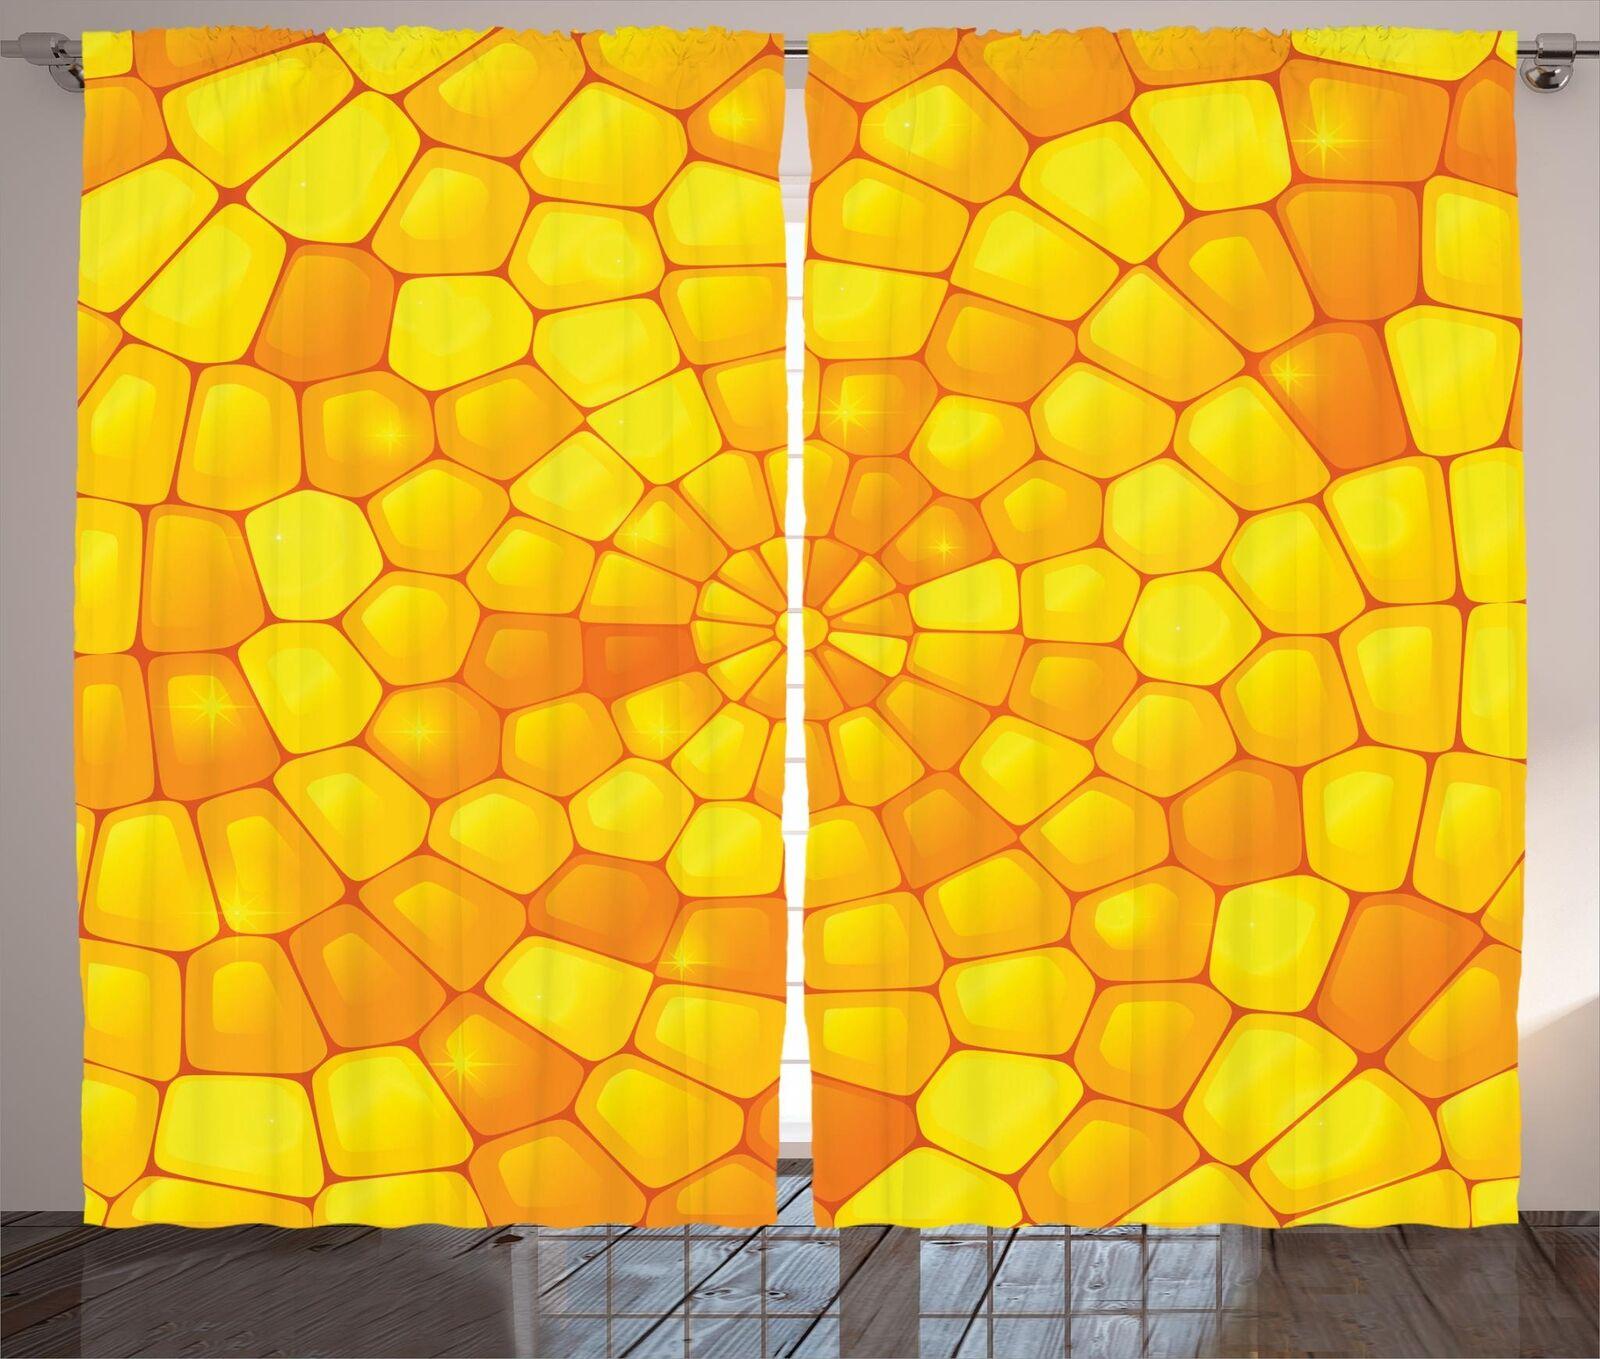 Cortinas de Colors amarillo 2 Panel Decoración conjunto 5 tamaños de ventana Cortinas ambesonne